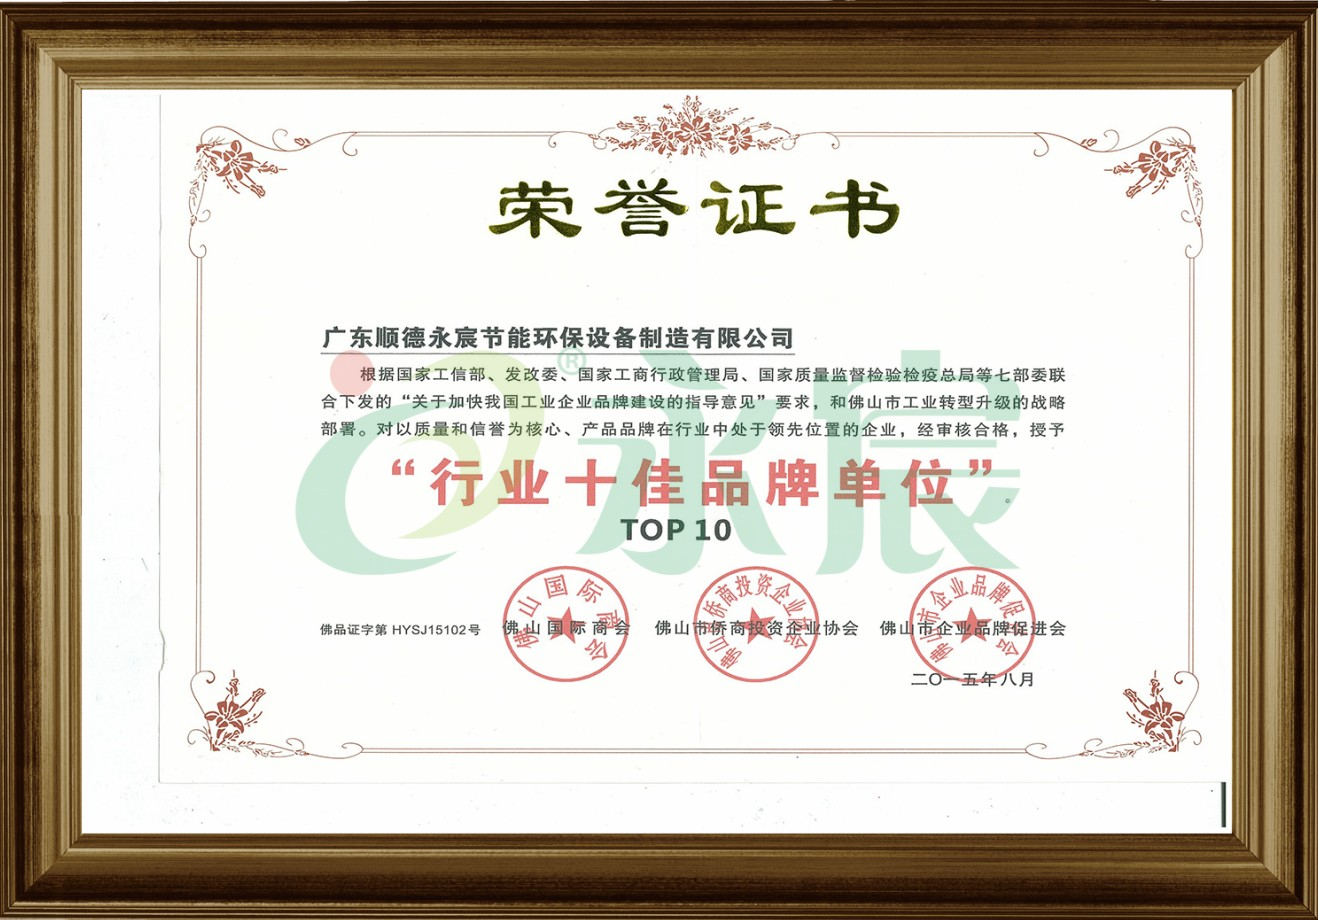 行业十佳品牌荣誉证书